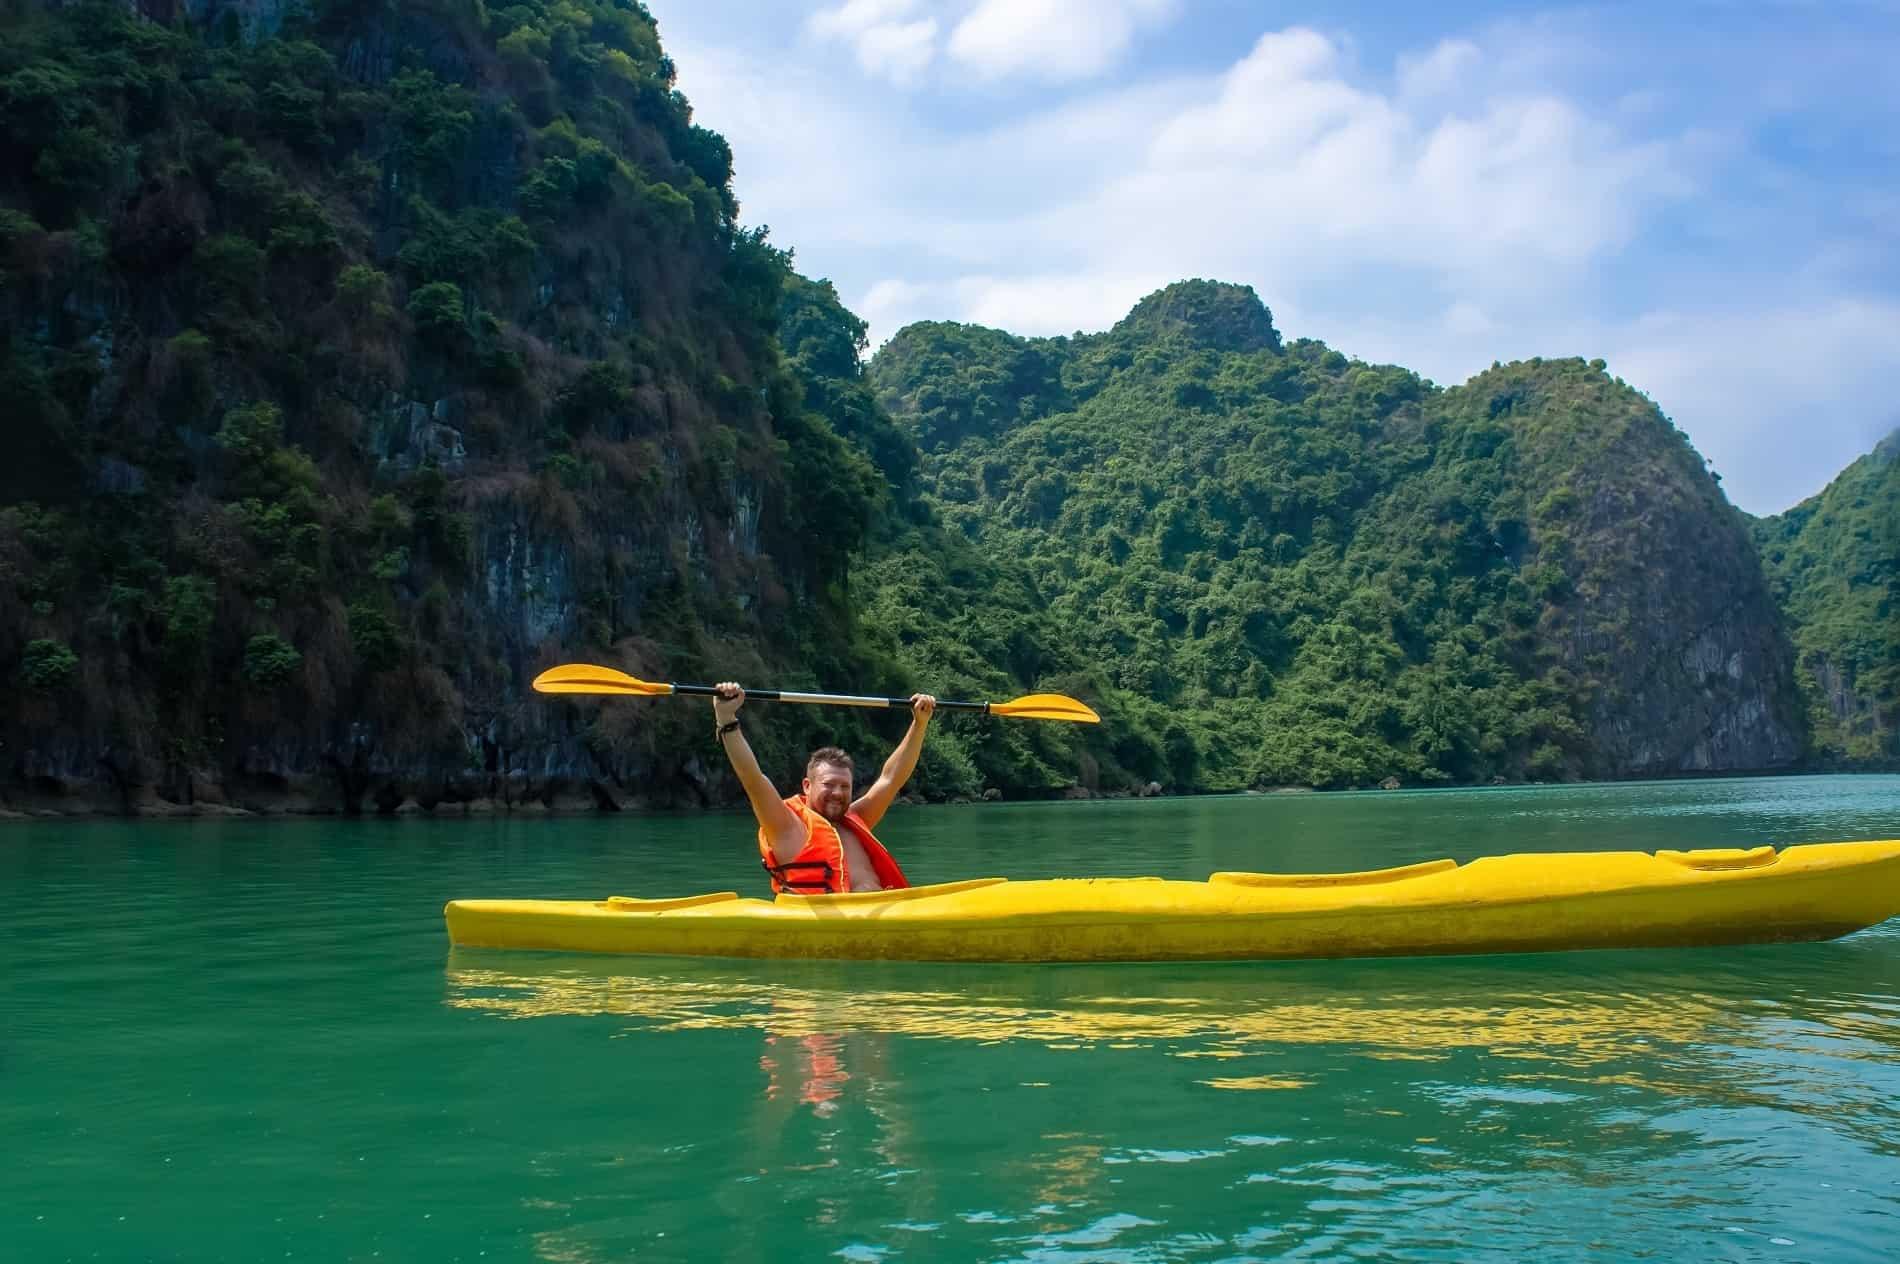 Kayaking in Hon tam island